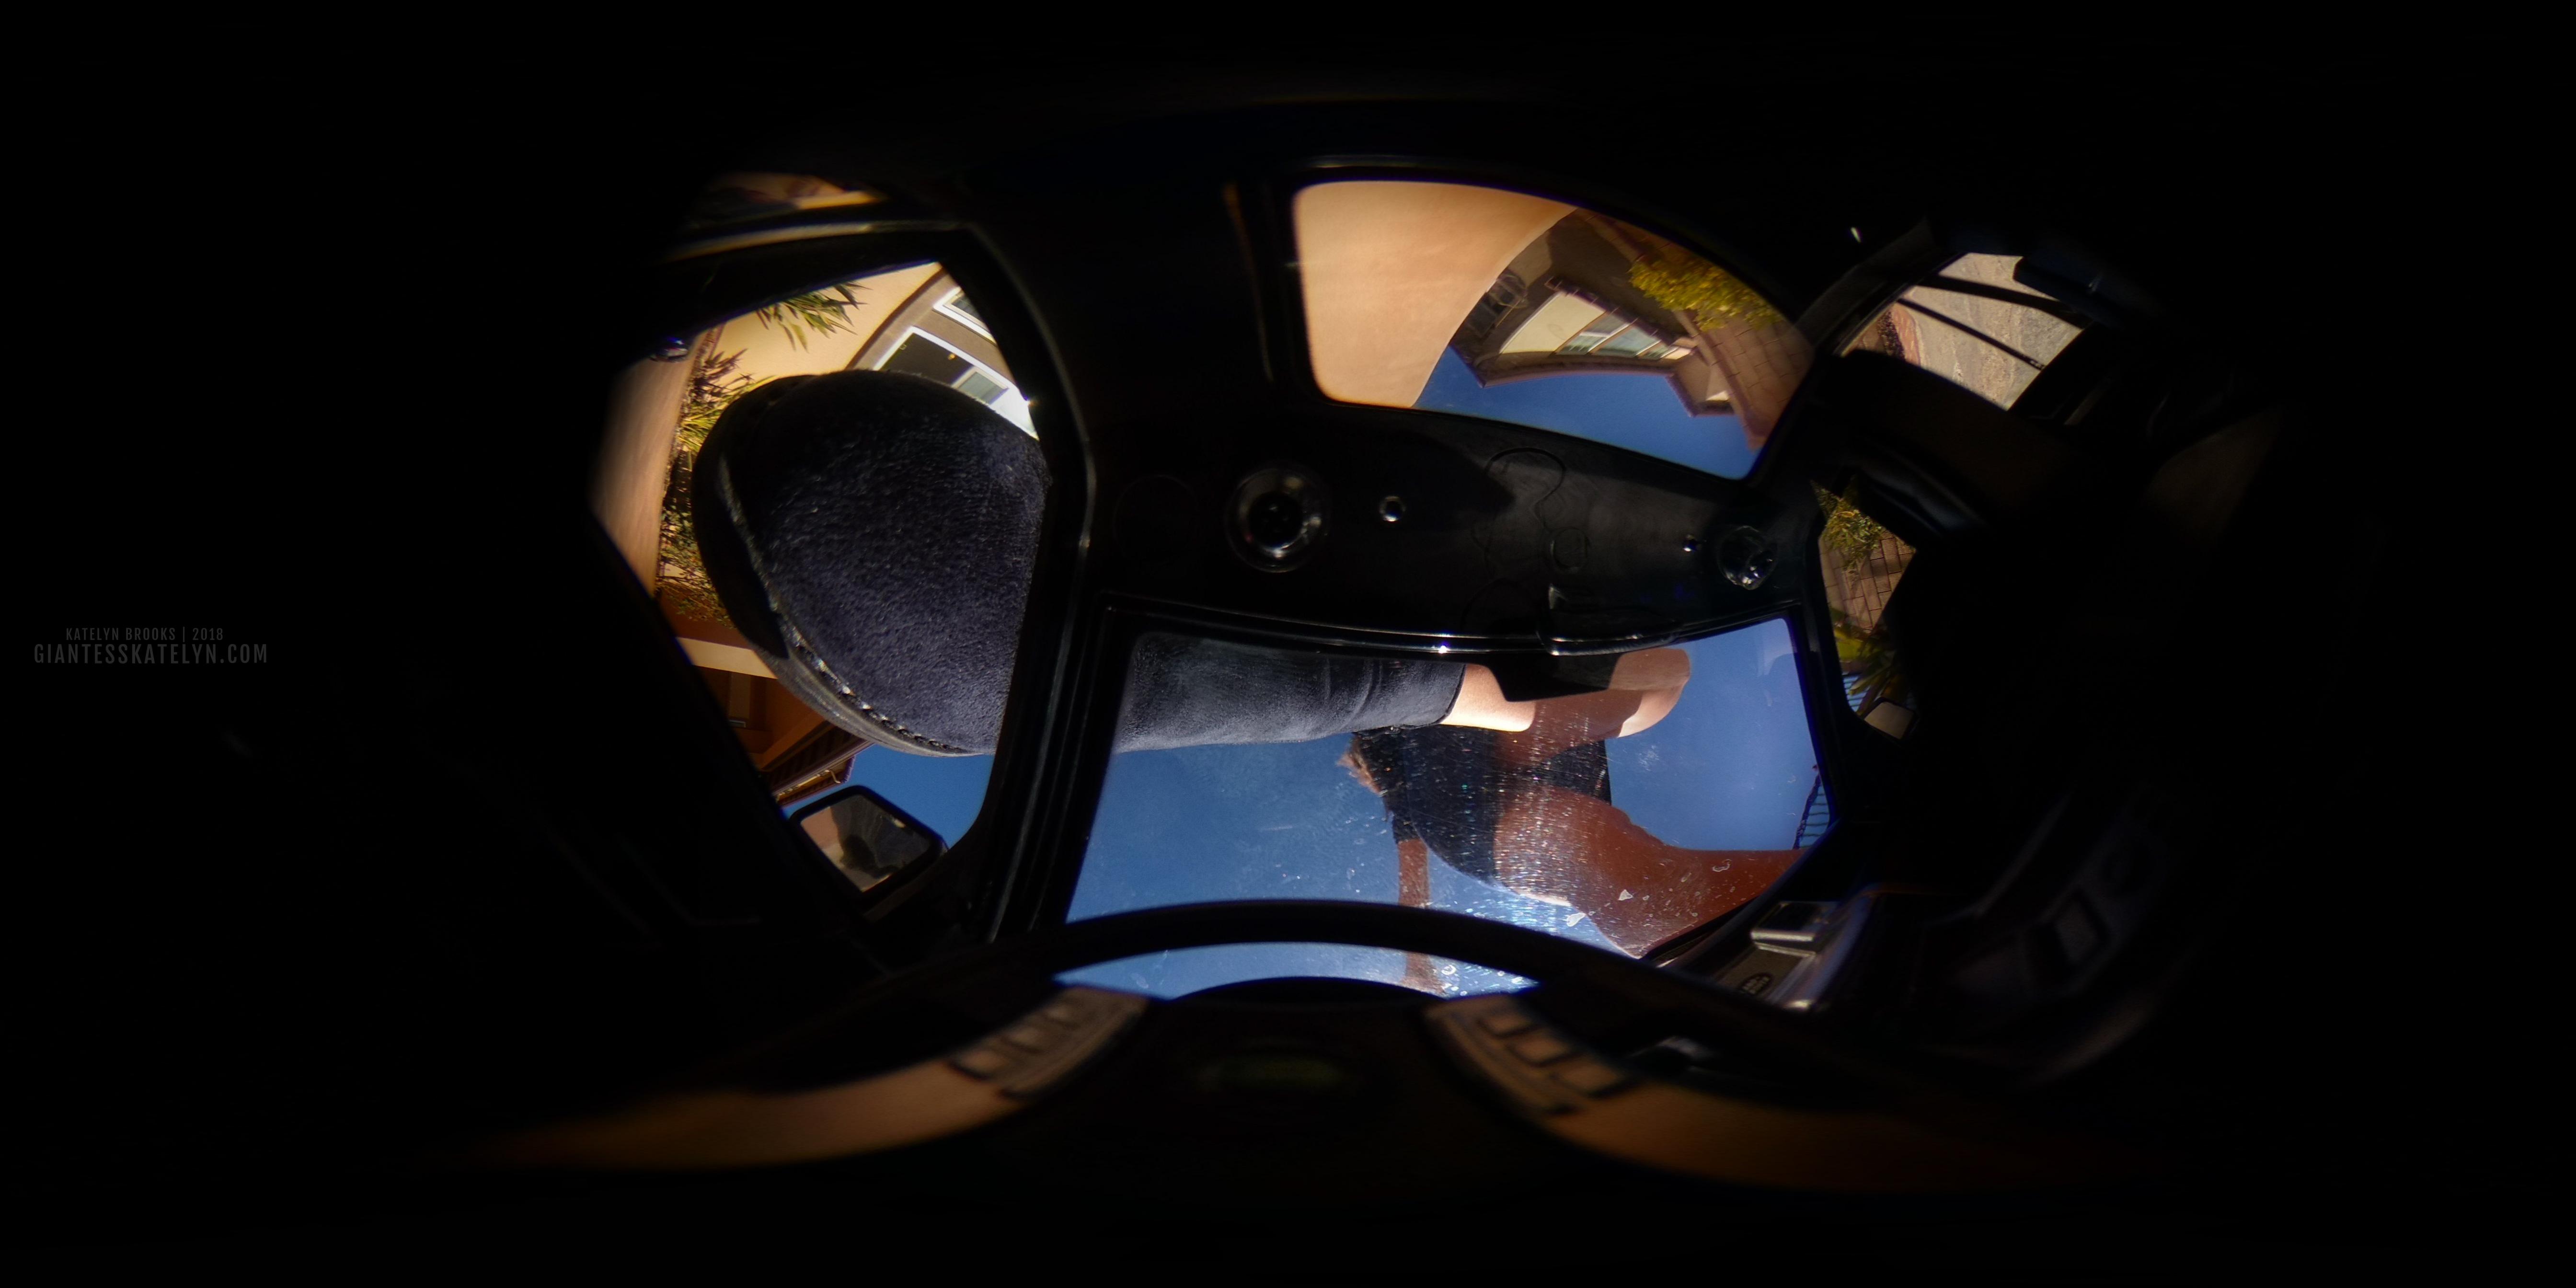 360-4k-vr-shrunken-man-pov-inside-car-05